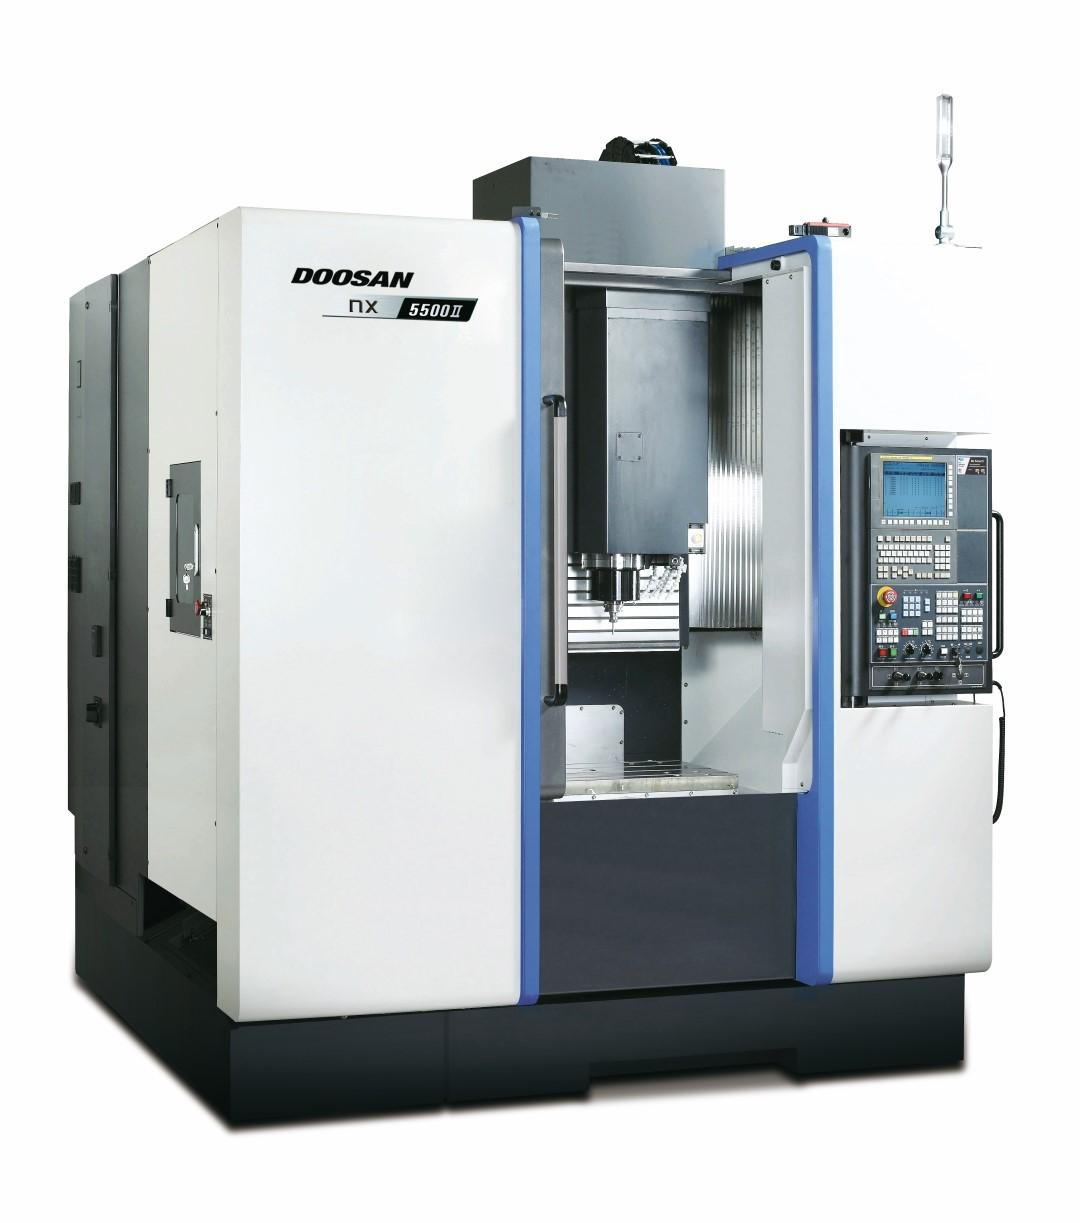 Doosan NX 5500 II, 6500 II